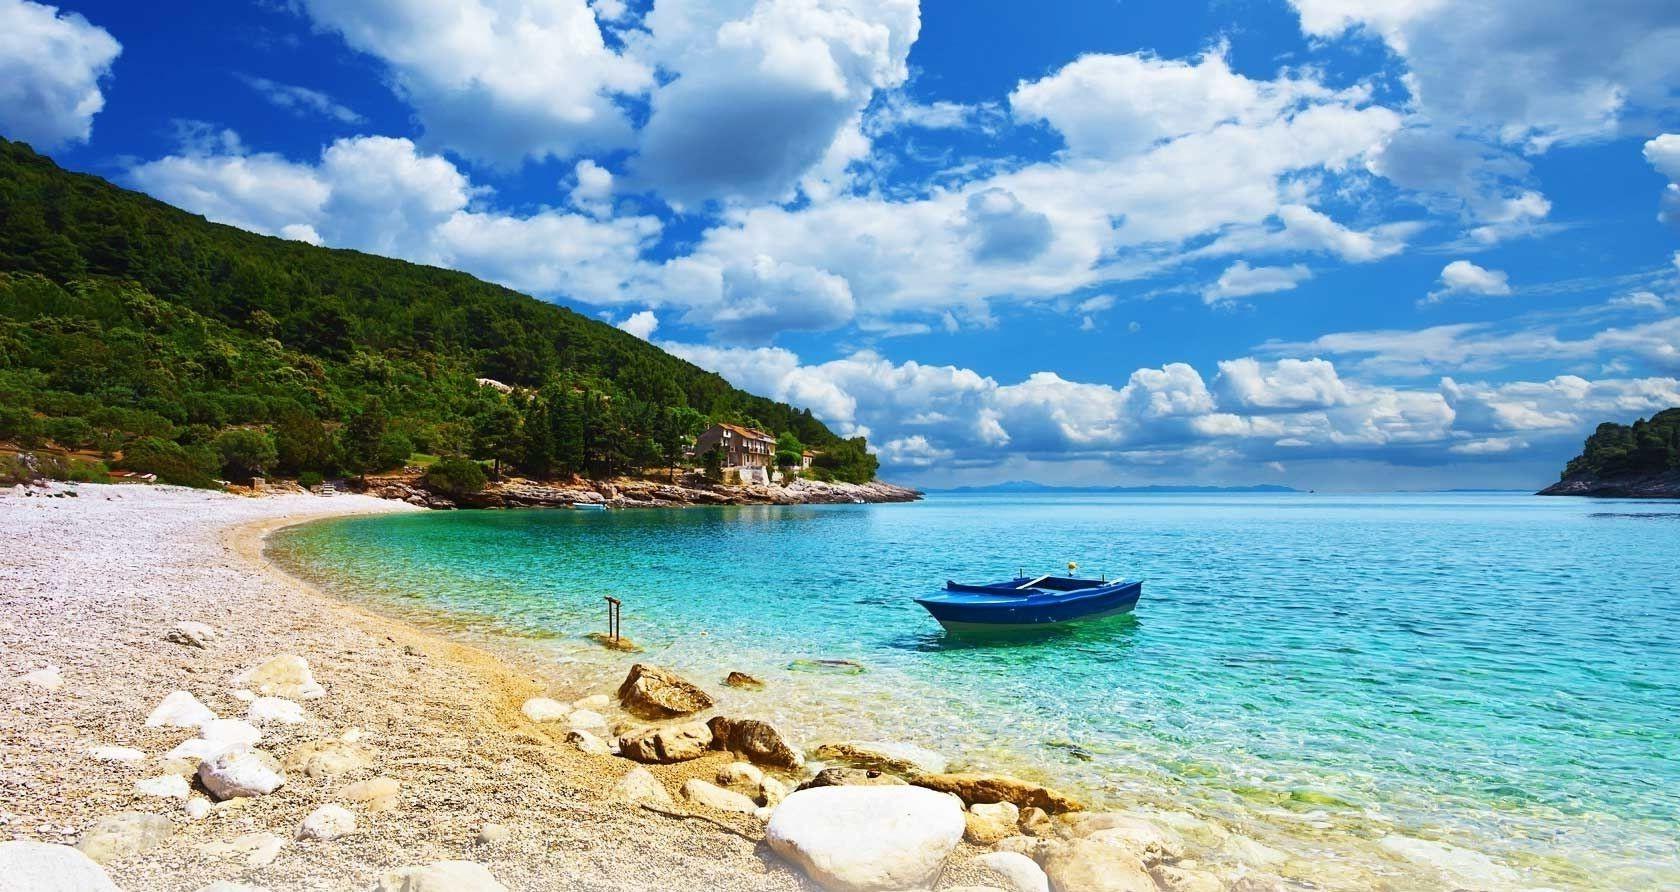 4400 Gambar Pemandangan Alam Dan Laut Gratis Terbaik